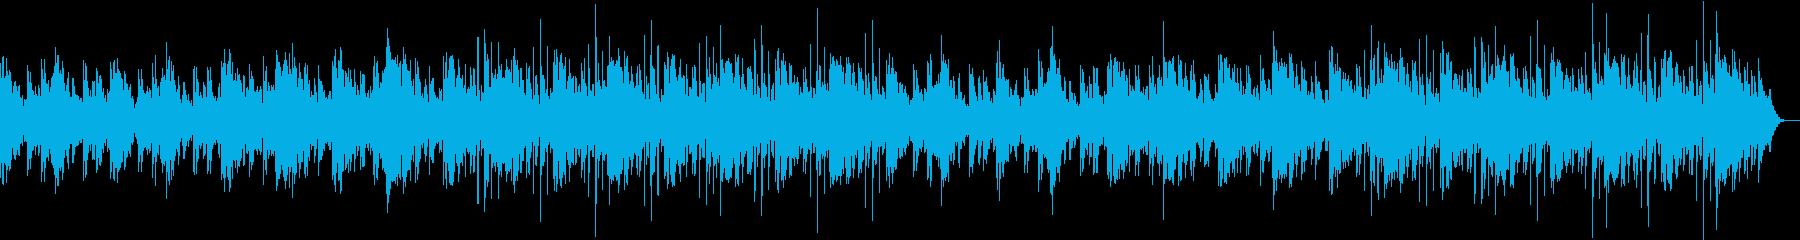 高いリラックス効果で副交感神経を刺激の再生済みの波形